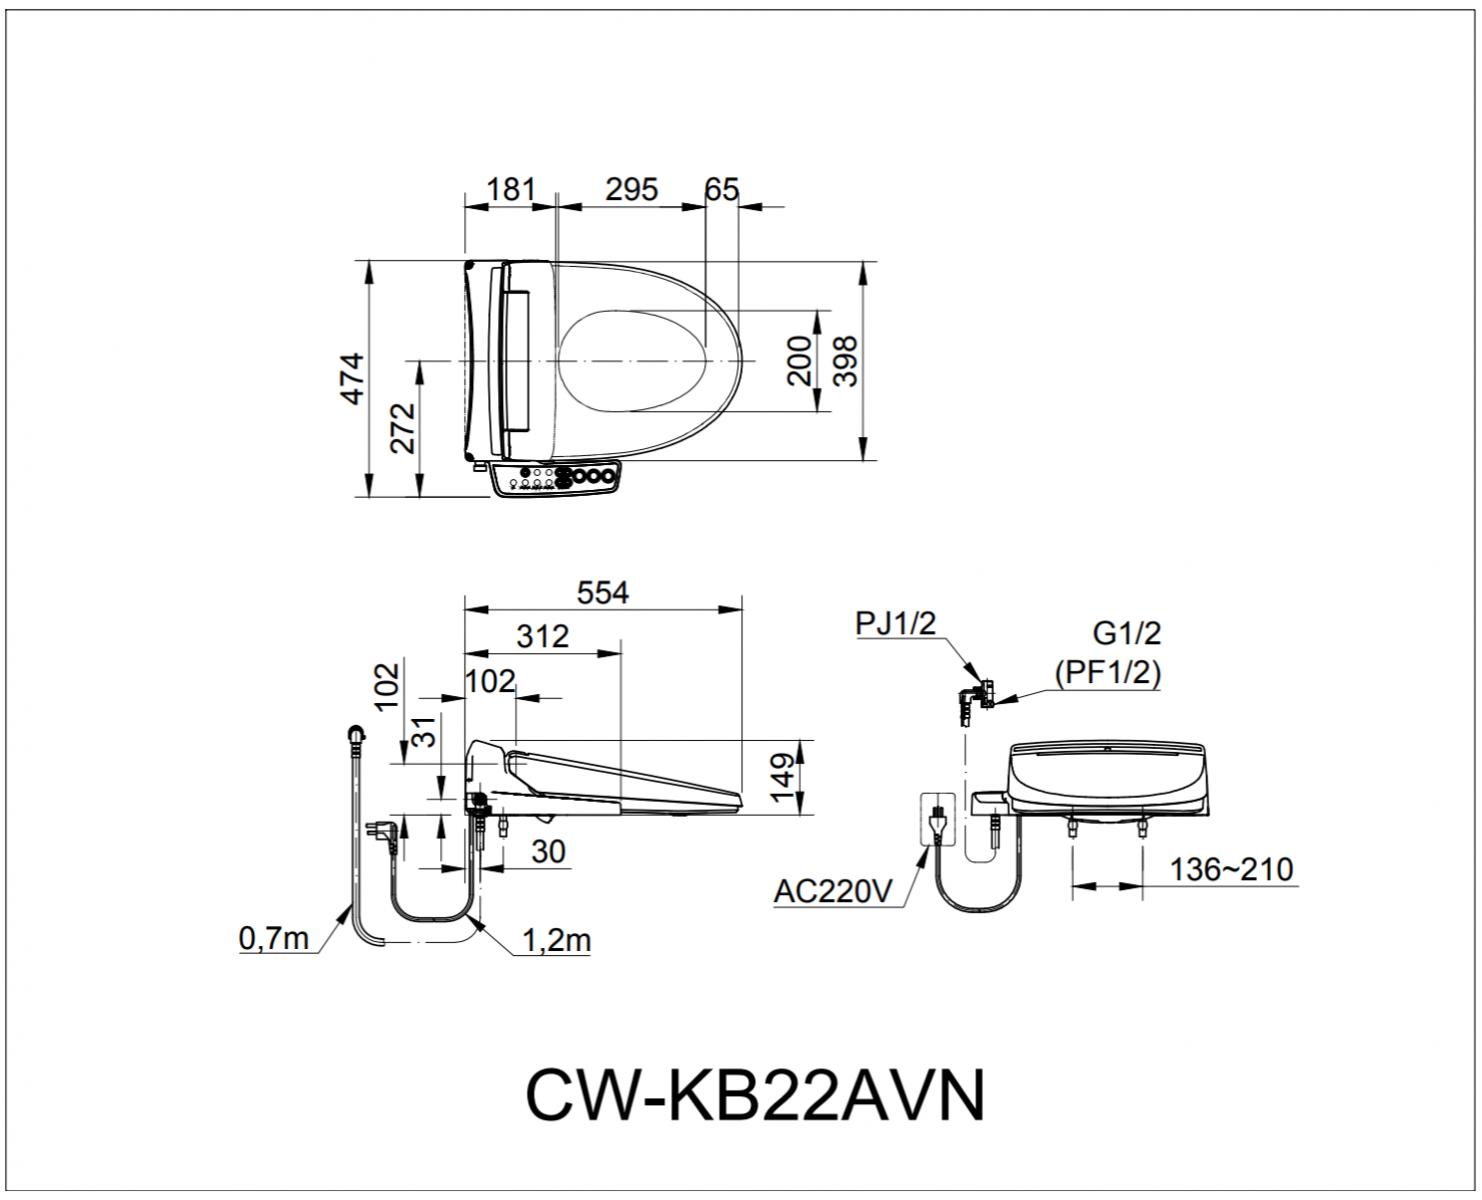 Thông số kĩ thuật nắp rửa điện tử INAX CW-KB22AVN